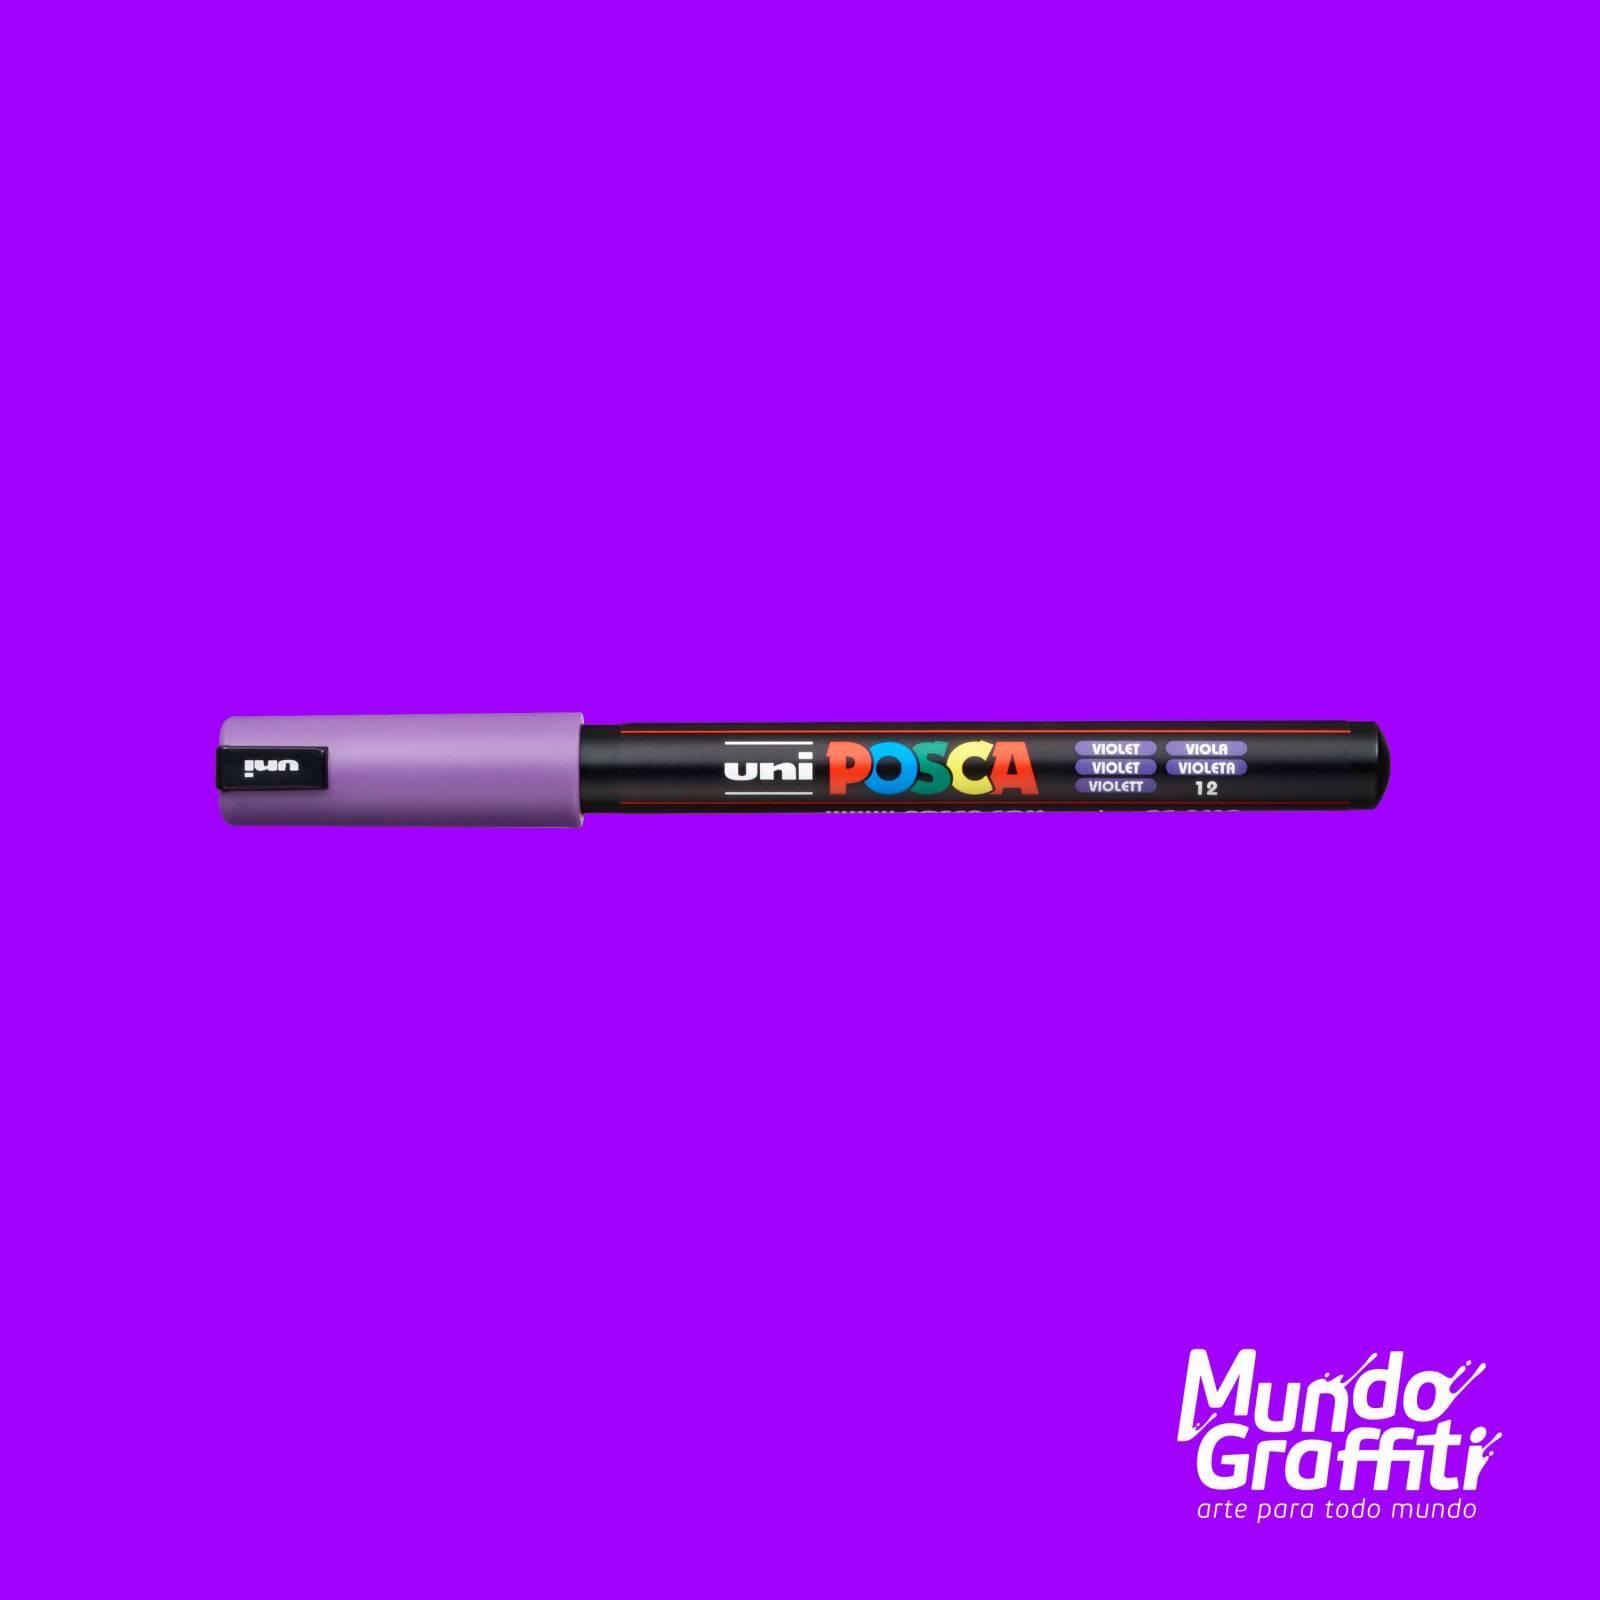 Caneta Posca 1MR Violeta - Mundo Graffiti